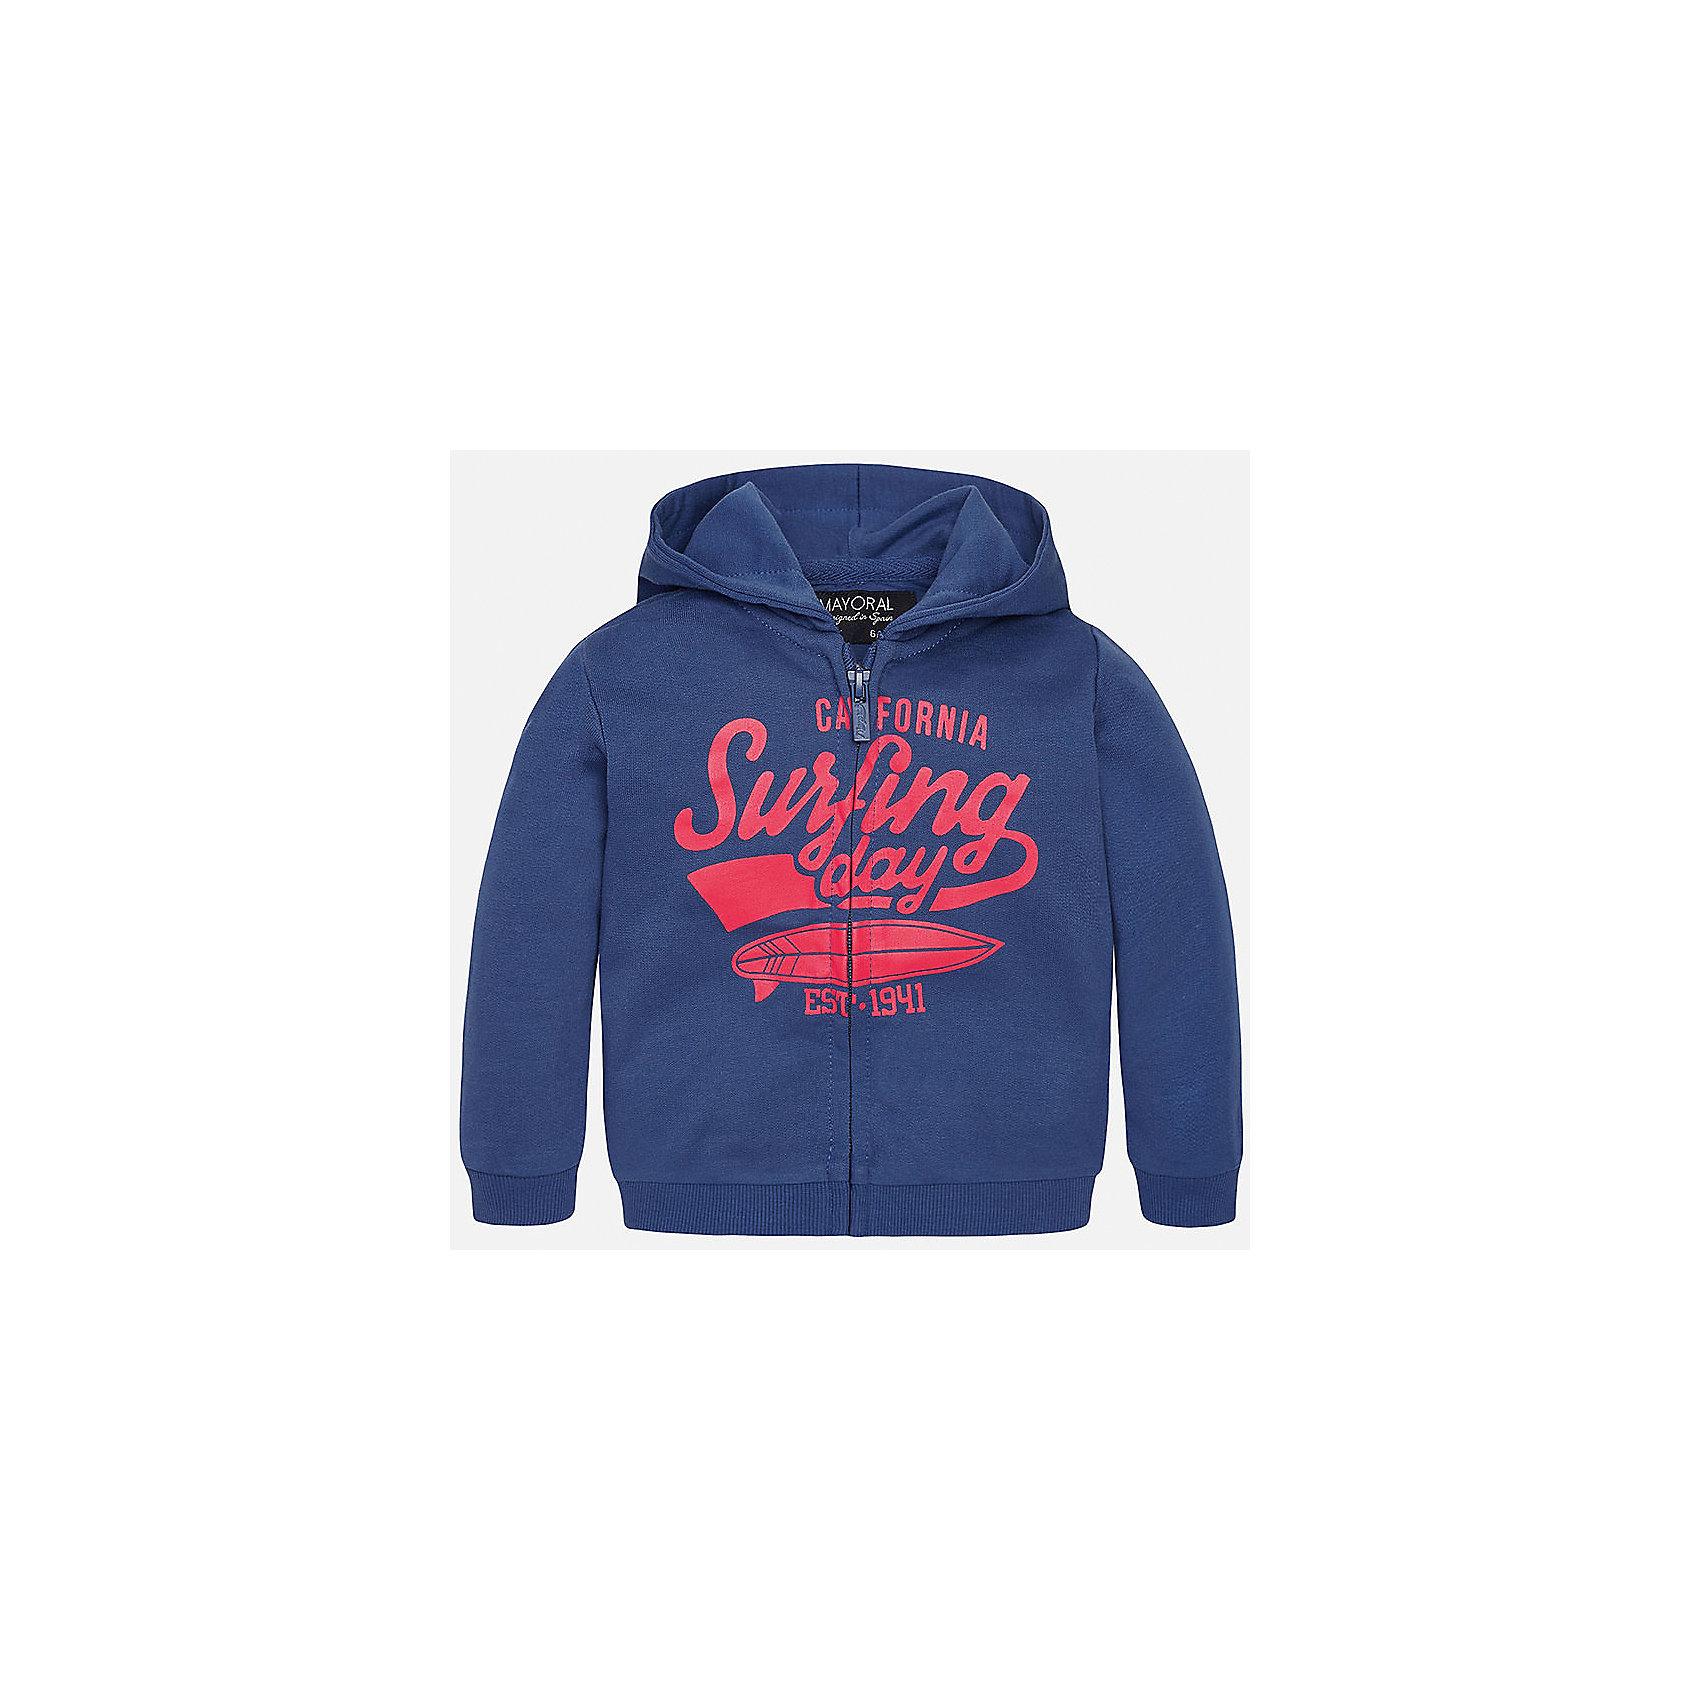 Куртка для мальчика MayoralХарактеристики товара:<br><br>• цвет: синий<br>• состав: 60% хлопок, 40% полиэстер<br>• рукава длинные <br>• принт<br>• молния<br>• капюшон<br>• страна бренда: Испания<br><br>Удобная модная куртка для мальчика поможет разнообразить гардероб ребенка и обеспечить тепло. Она отлично сочетается и с джинсами, и с брюками. Универсальный цвет позволяет подобрать к вещи низ различных расцветок. Интересная отделка модели делает её нарядной и оригинальной. В составе материала - натуральный хлопок, гипоаллергенный, приятный на ощупь, дышащий.<br><br>Одежда, обувь и аксессуары от испанского бренда Mayoral полюбились детям и взрослым по всему миру. Модели этой марки - стильные и удобные. Для их производства используются только безопасные, качественные материалы и фурнитура. Порадуйте ребенка модными и красивыми вещами от Mayoral! <br><br>Куртку для мальчика от испанского бренда Mayoral (Майорал) можно купить в нашем интернет-магазине.<br><br>Ширина мм: 356<br>Глубина мм: 10<br>Высота мм: 245<br>Вес г: 519<br>Цвет: синий<br>Возраст от месяцев: 12<br>Возраст до месяцев: 15<br>Пол: Мужской<br>Возраст: Детский<br>Размер: 80,86,92<br>SKU: 5279588